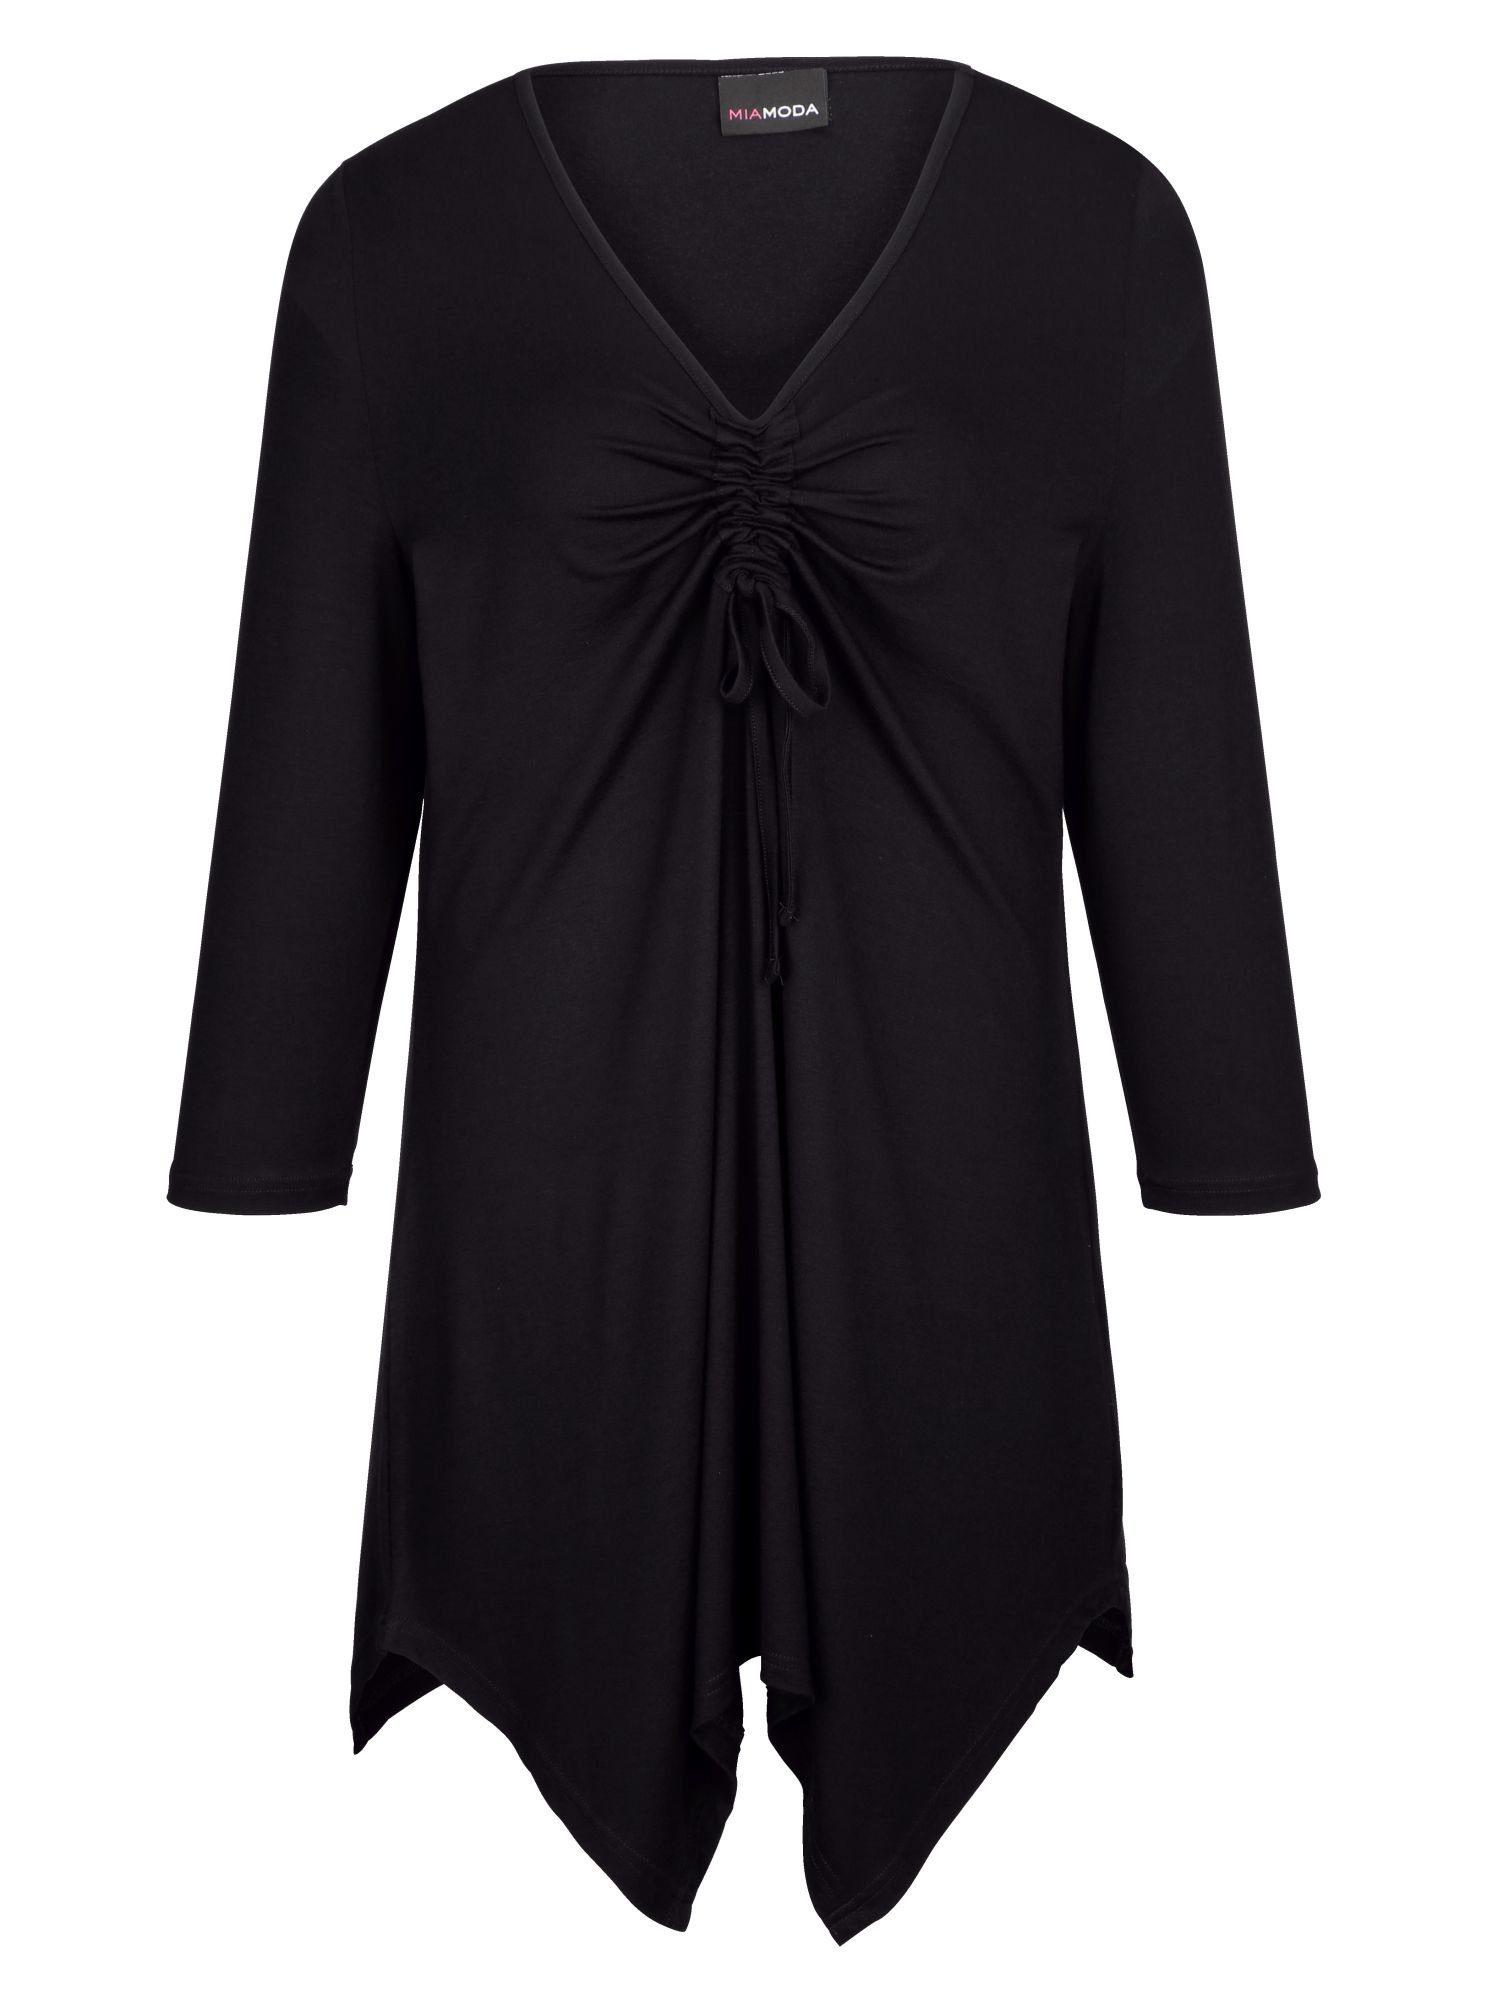 MIAMODA Zipfelshirt mit Raffung und Bindeband am Ausschnitt | Bekleidung > Shirts > Zipfelshirts | Schwarz | Miamoda